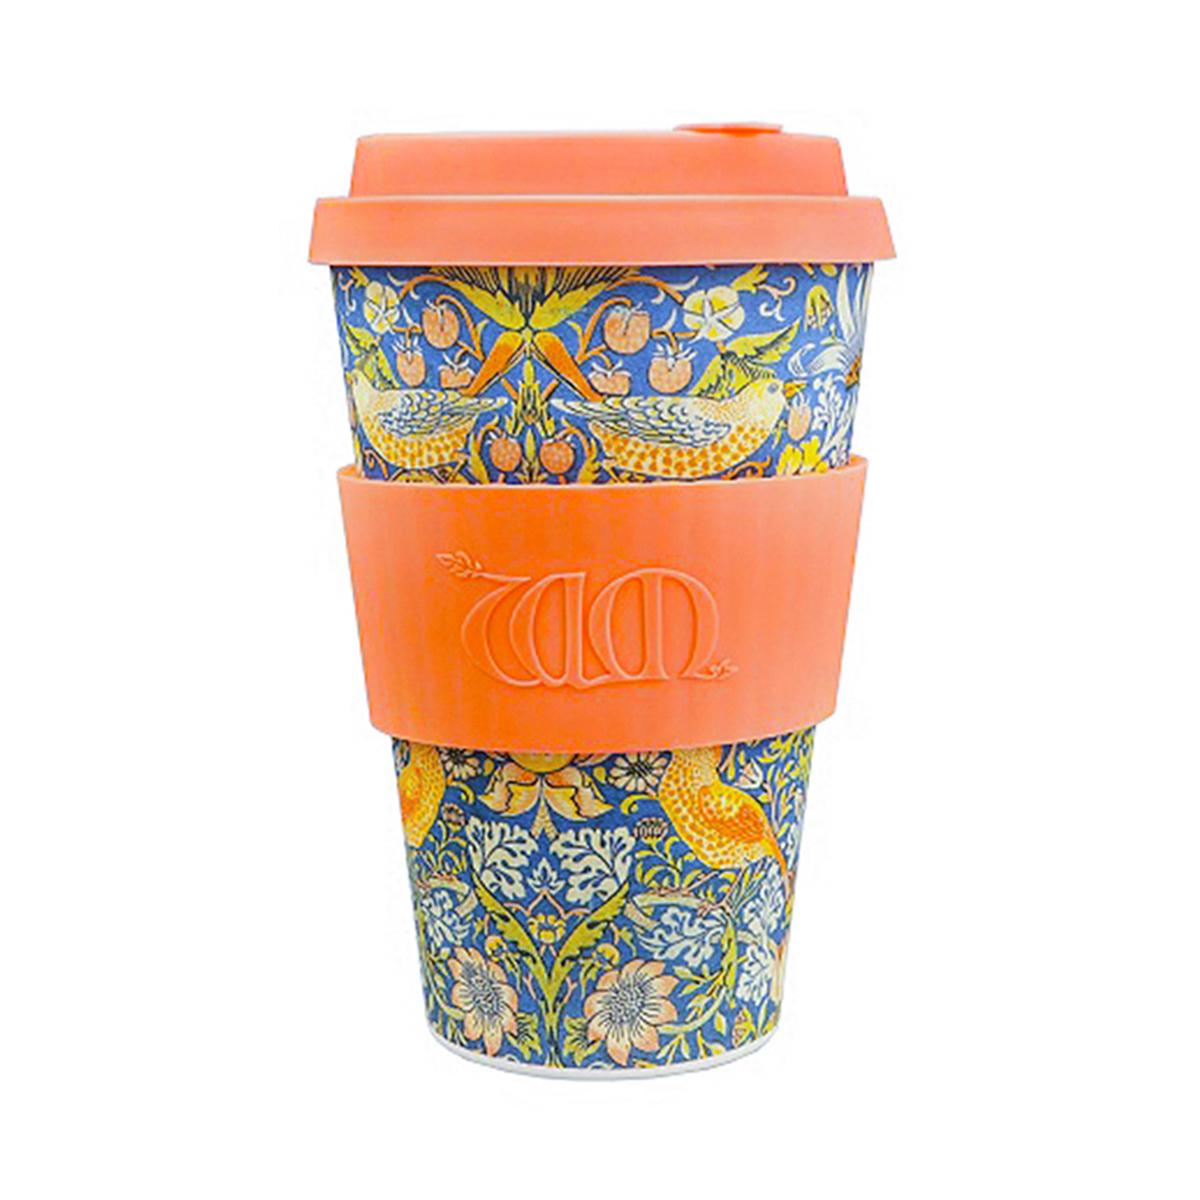 エコーヒーカップ|Thief